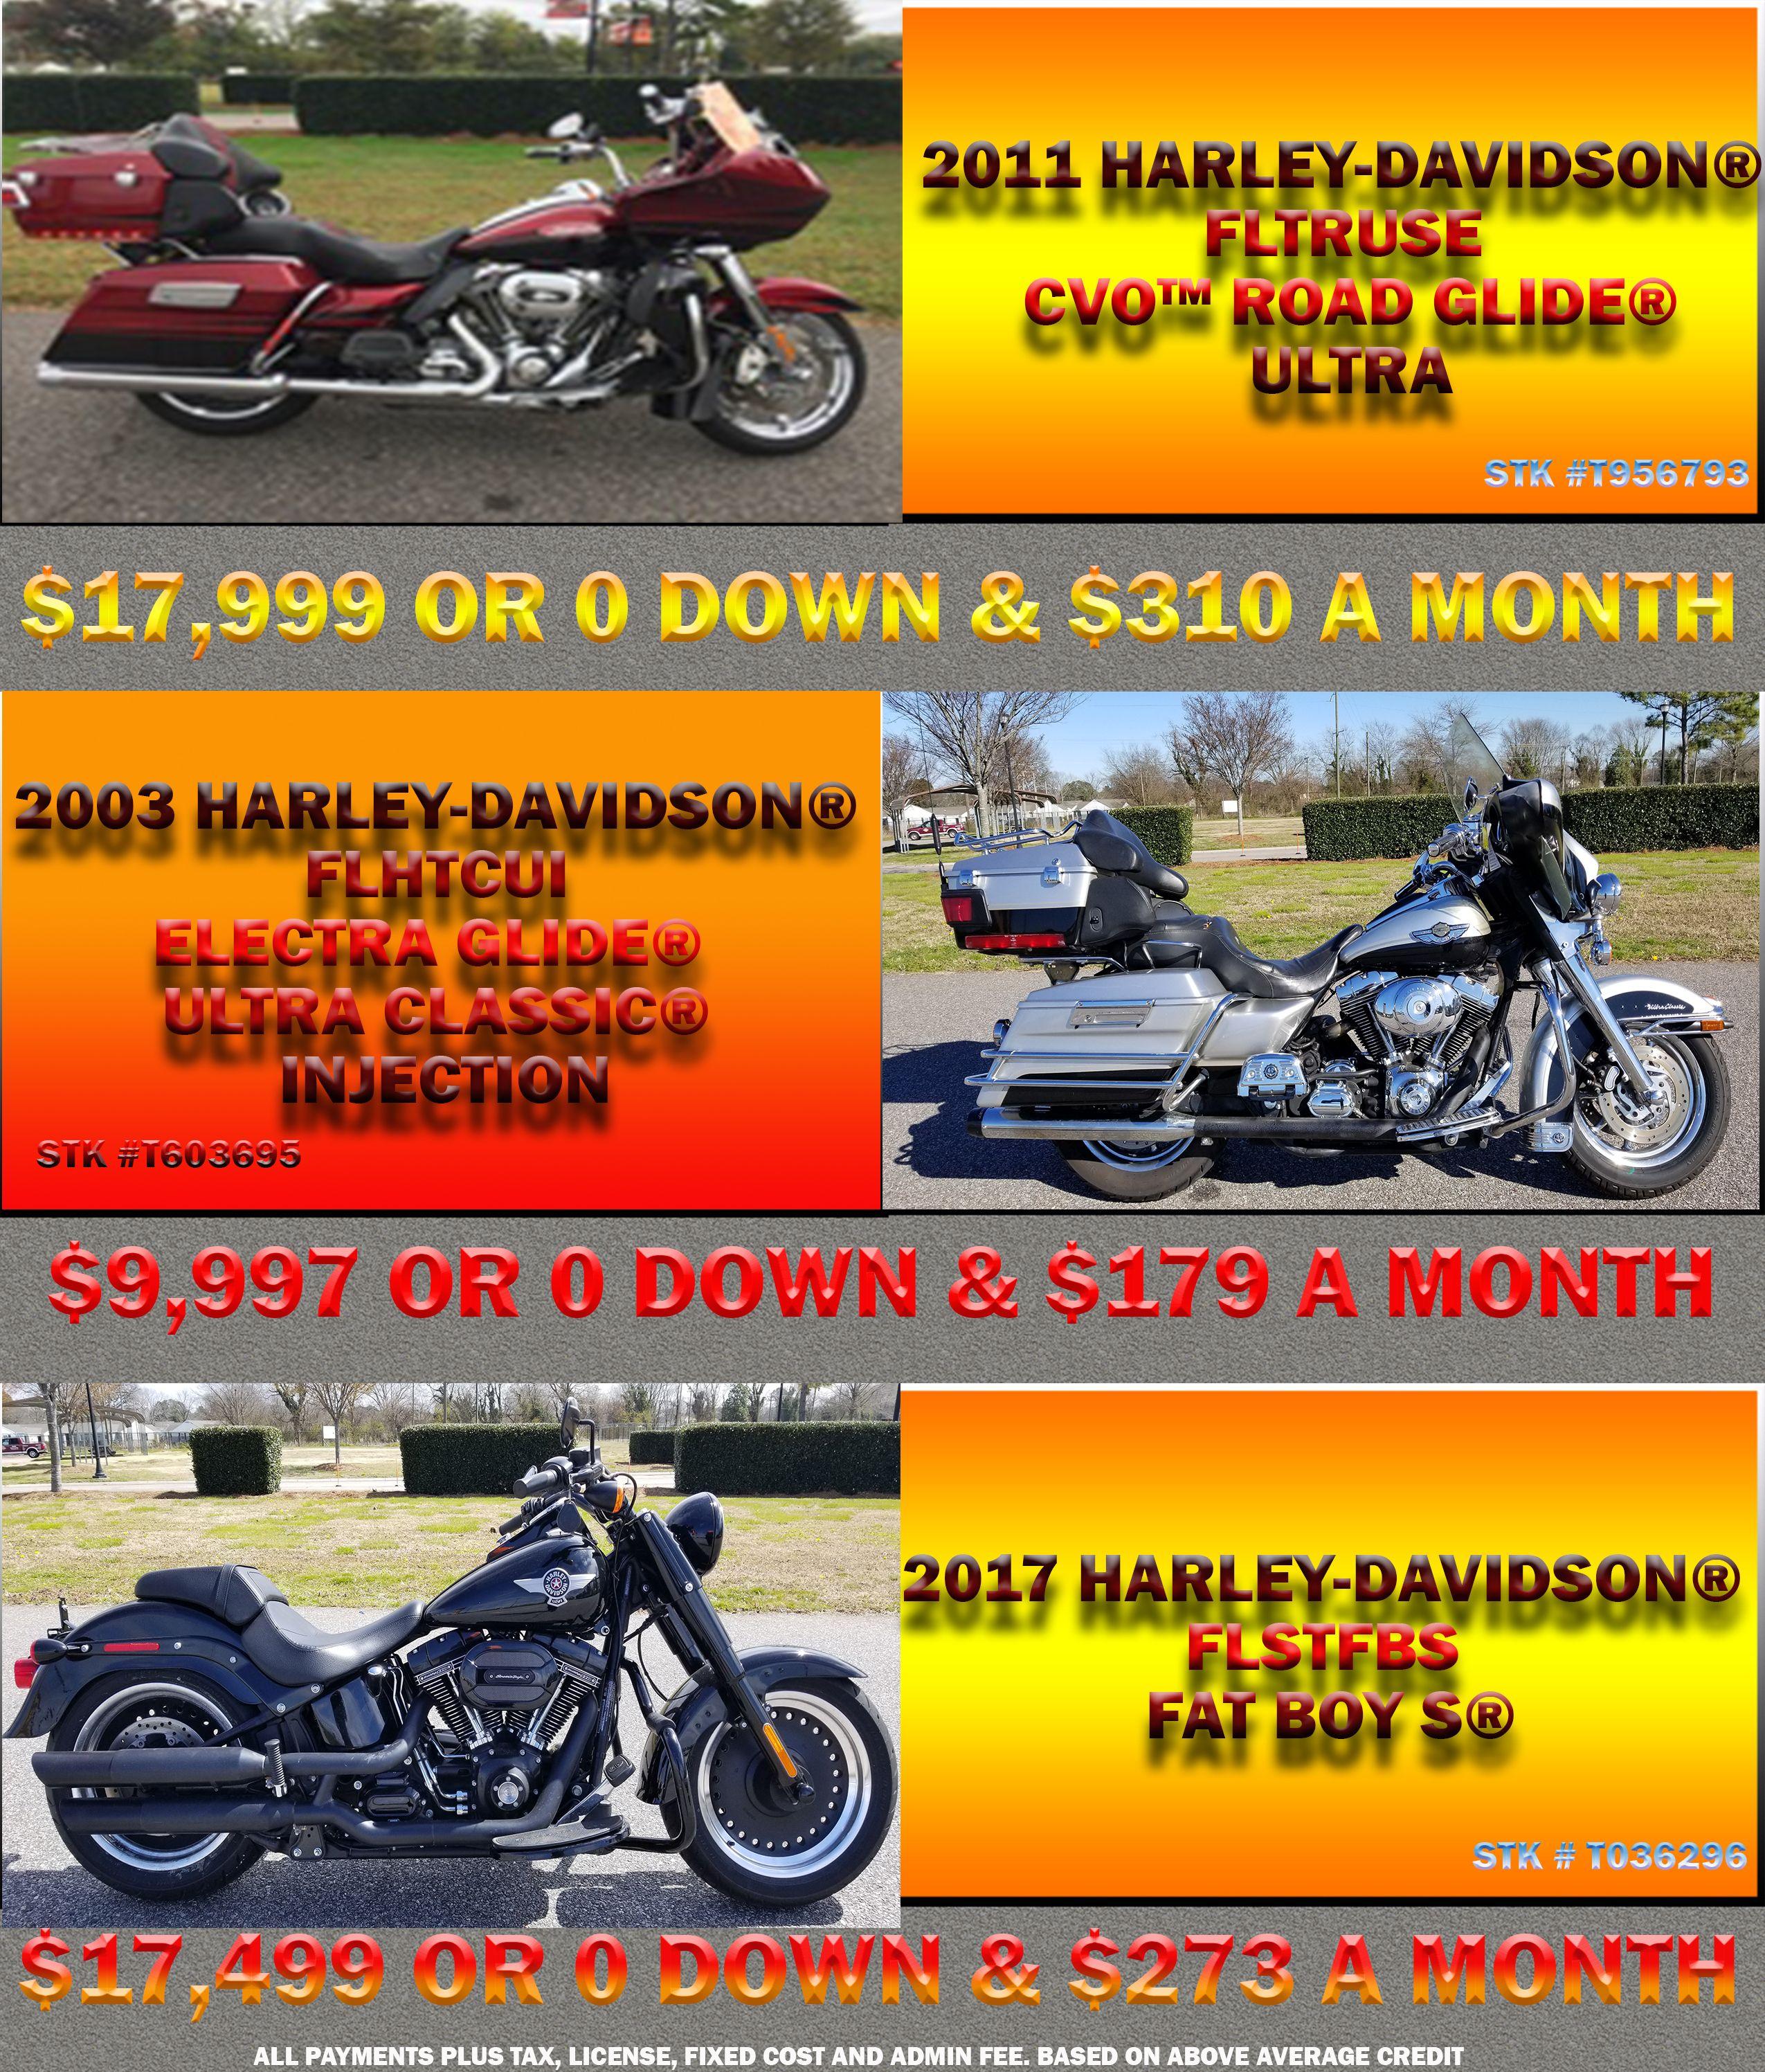 Harleydavidson Events Portsmouth Hamptonroads Virginia Norfolk Chesapeake Suffolk Districtharley Service Harley Bikes Harley Davidson Harley